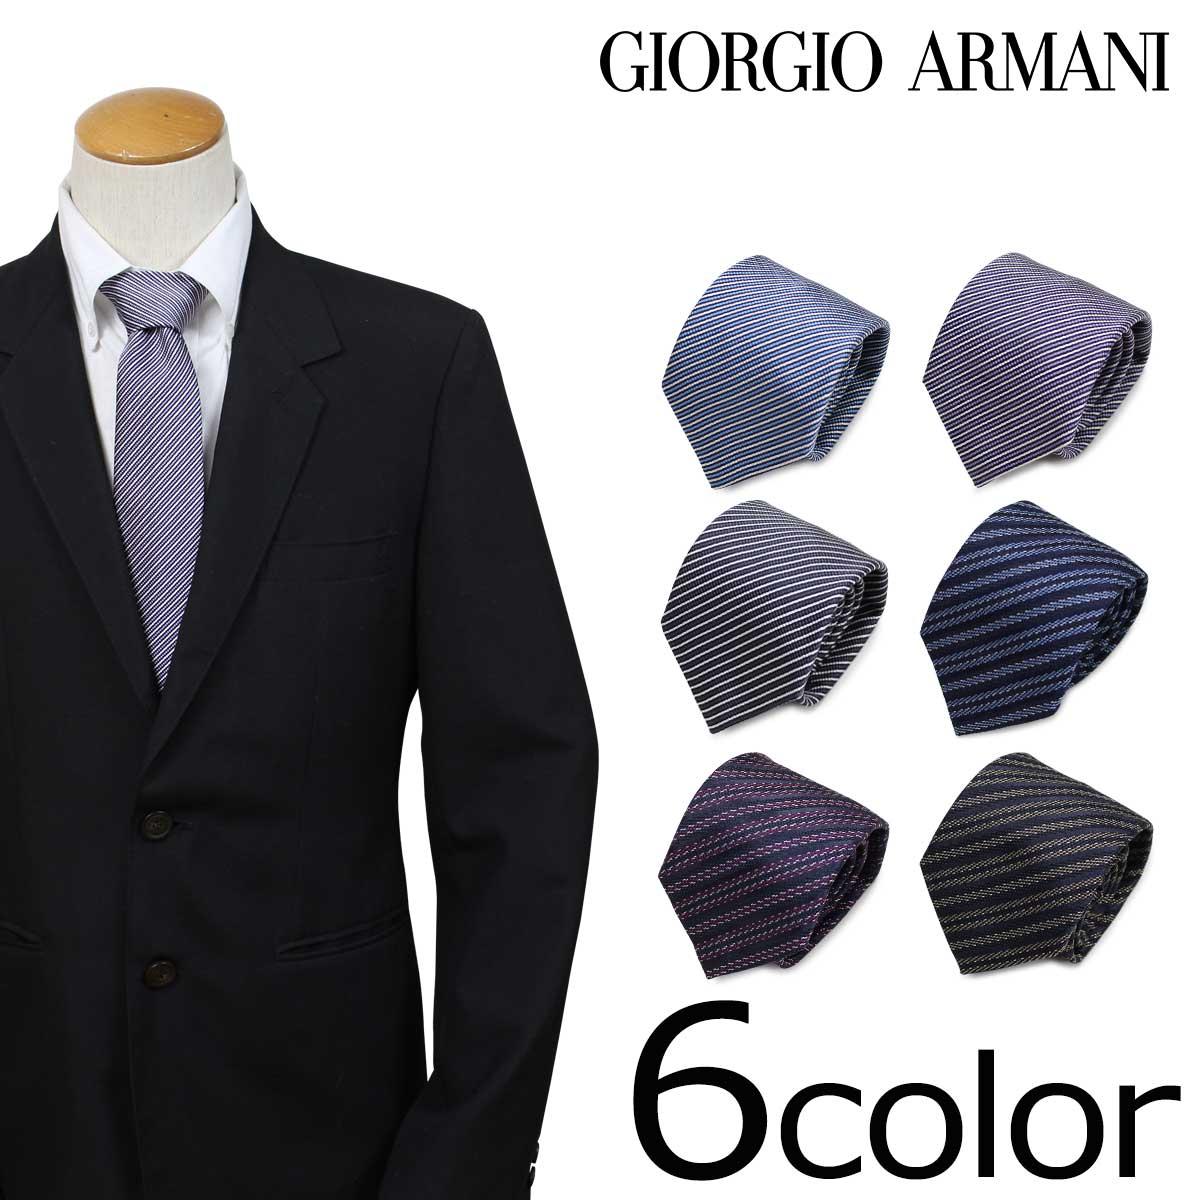 GIORGIO ARMANI ジョルジオ アルマーニ ネクタイ メンズ シルク イタリア製 ビジネス 結婚式